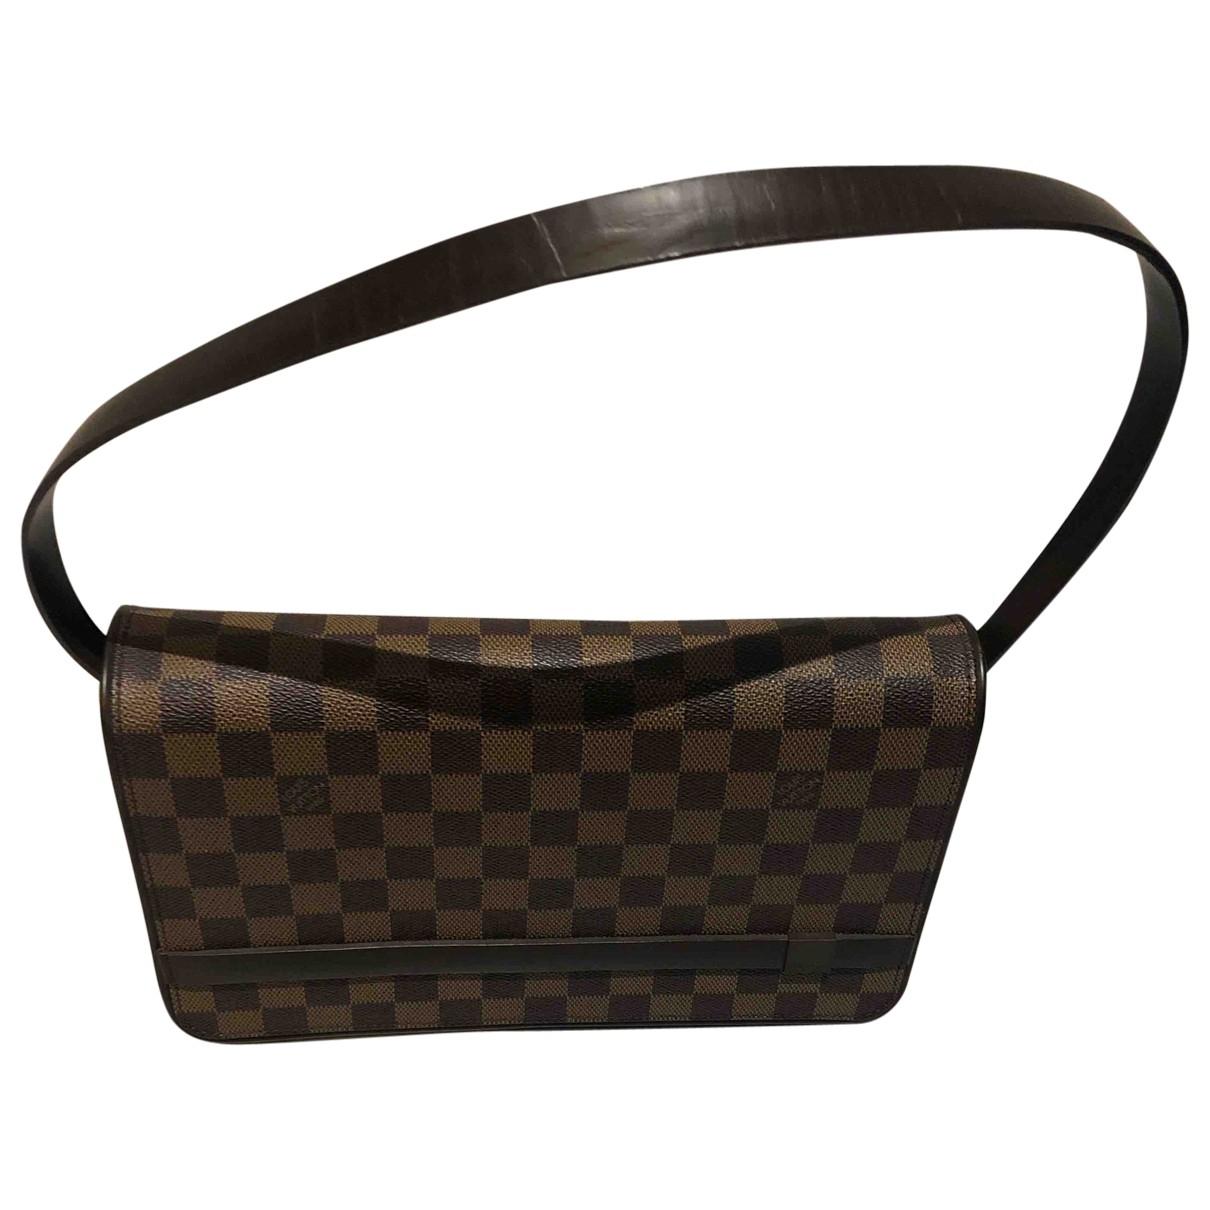 Louis Vuitton - Sac a main   pour femme en toile - marron